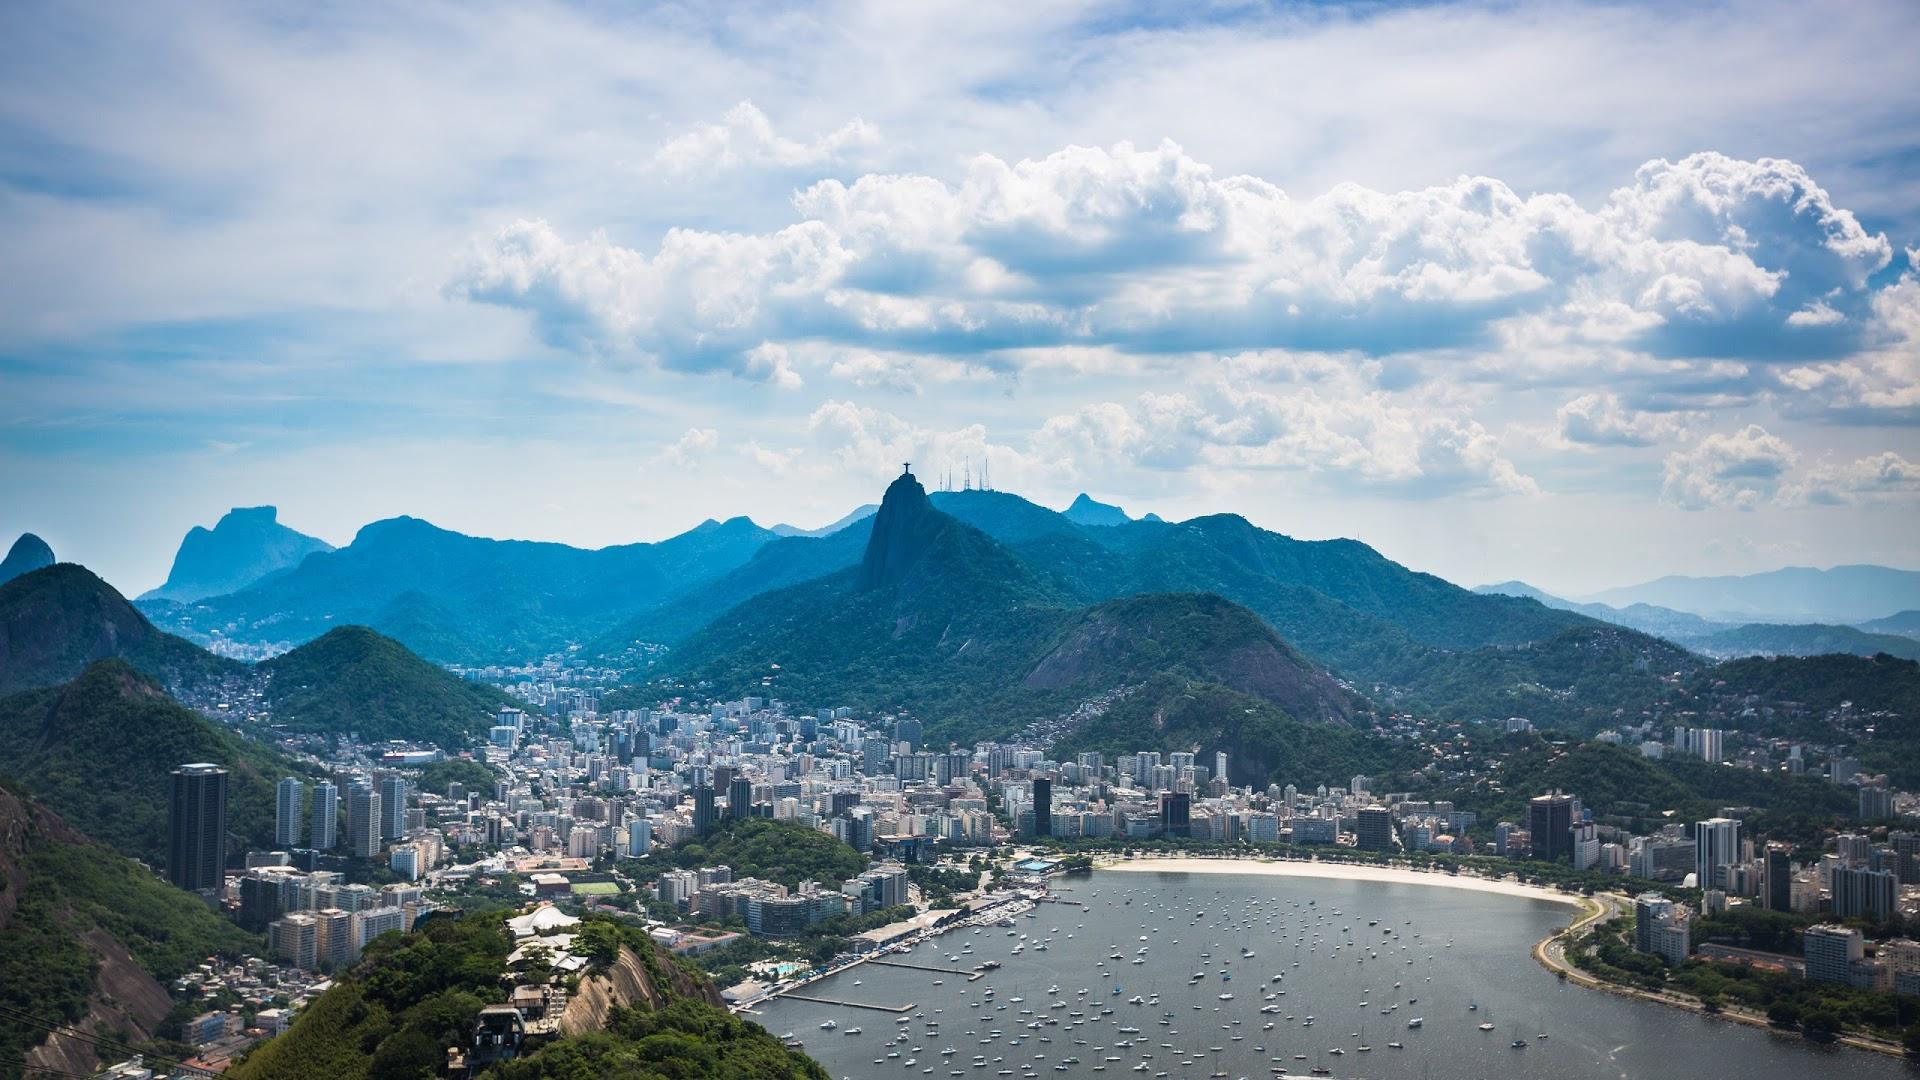 Сверкающий Рио-Де-Жанейро  № 1457394 бесплатно